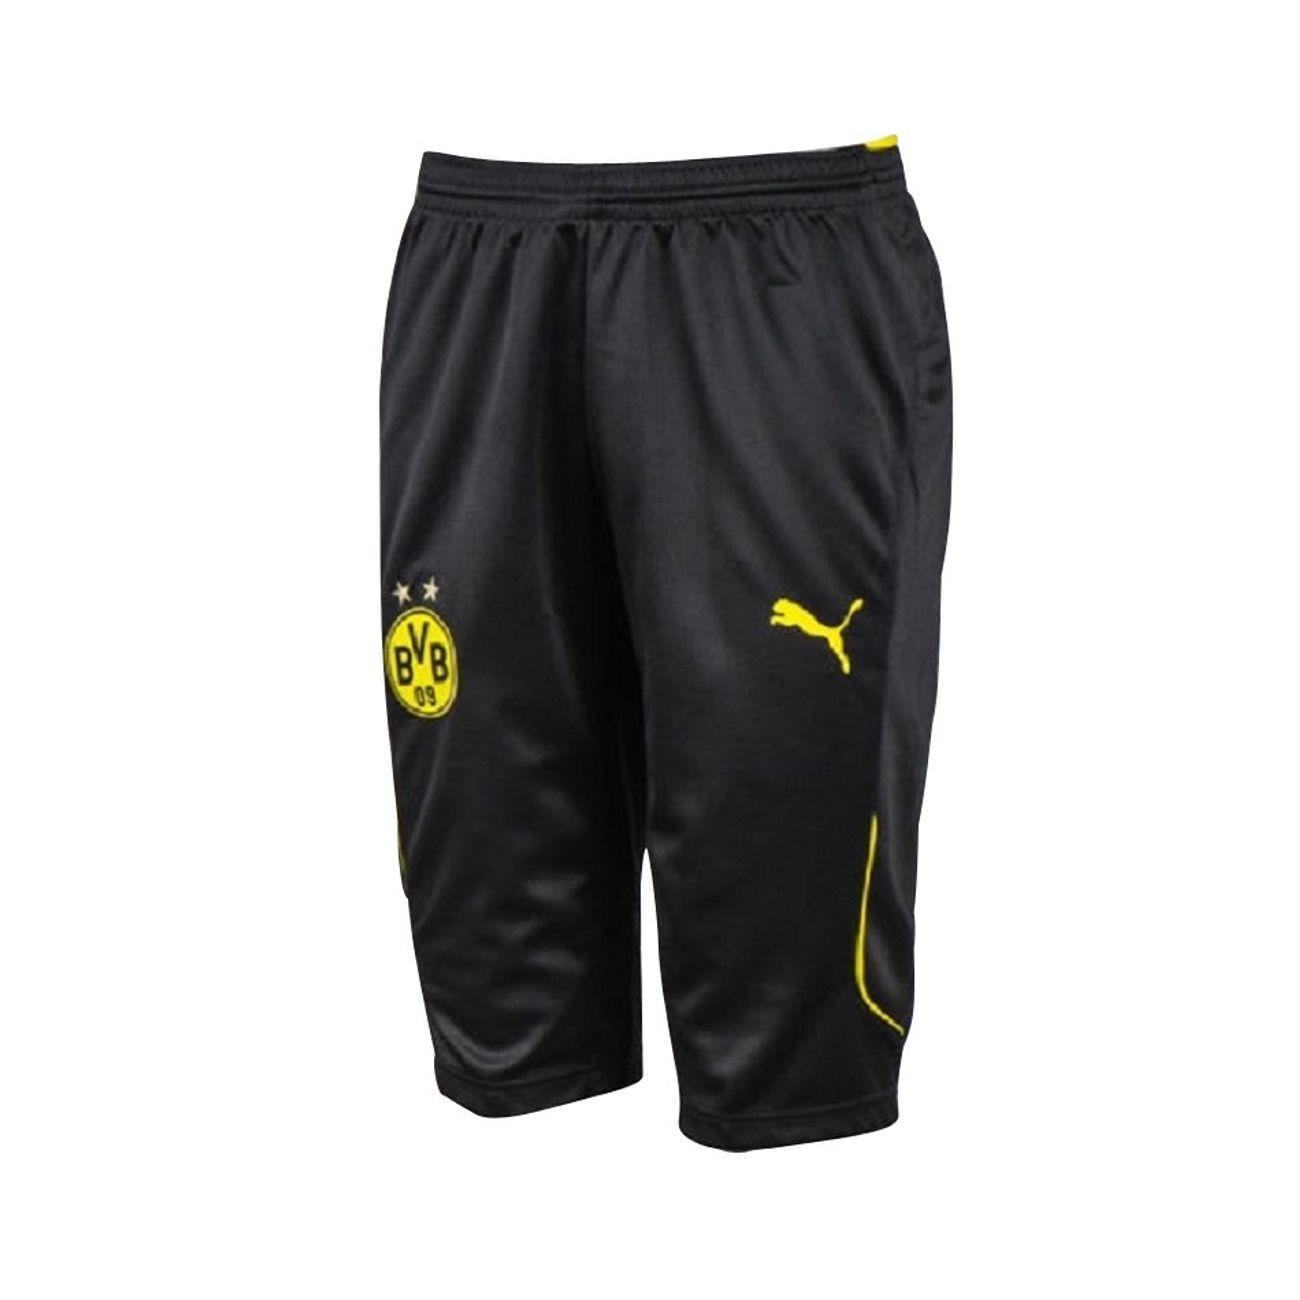 cadec155e5 Football homme PUMA Puma Pantacourt 3/4 Dortmund Adulte 749865 02 ...